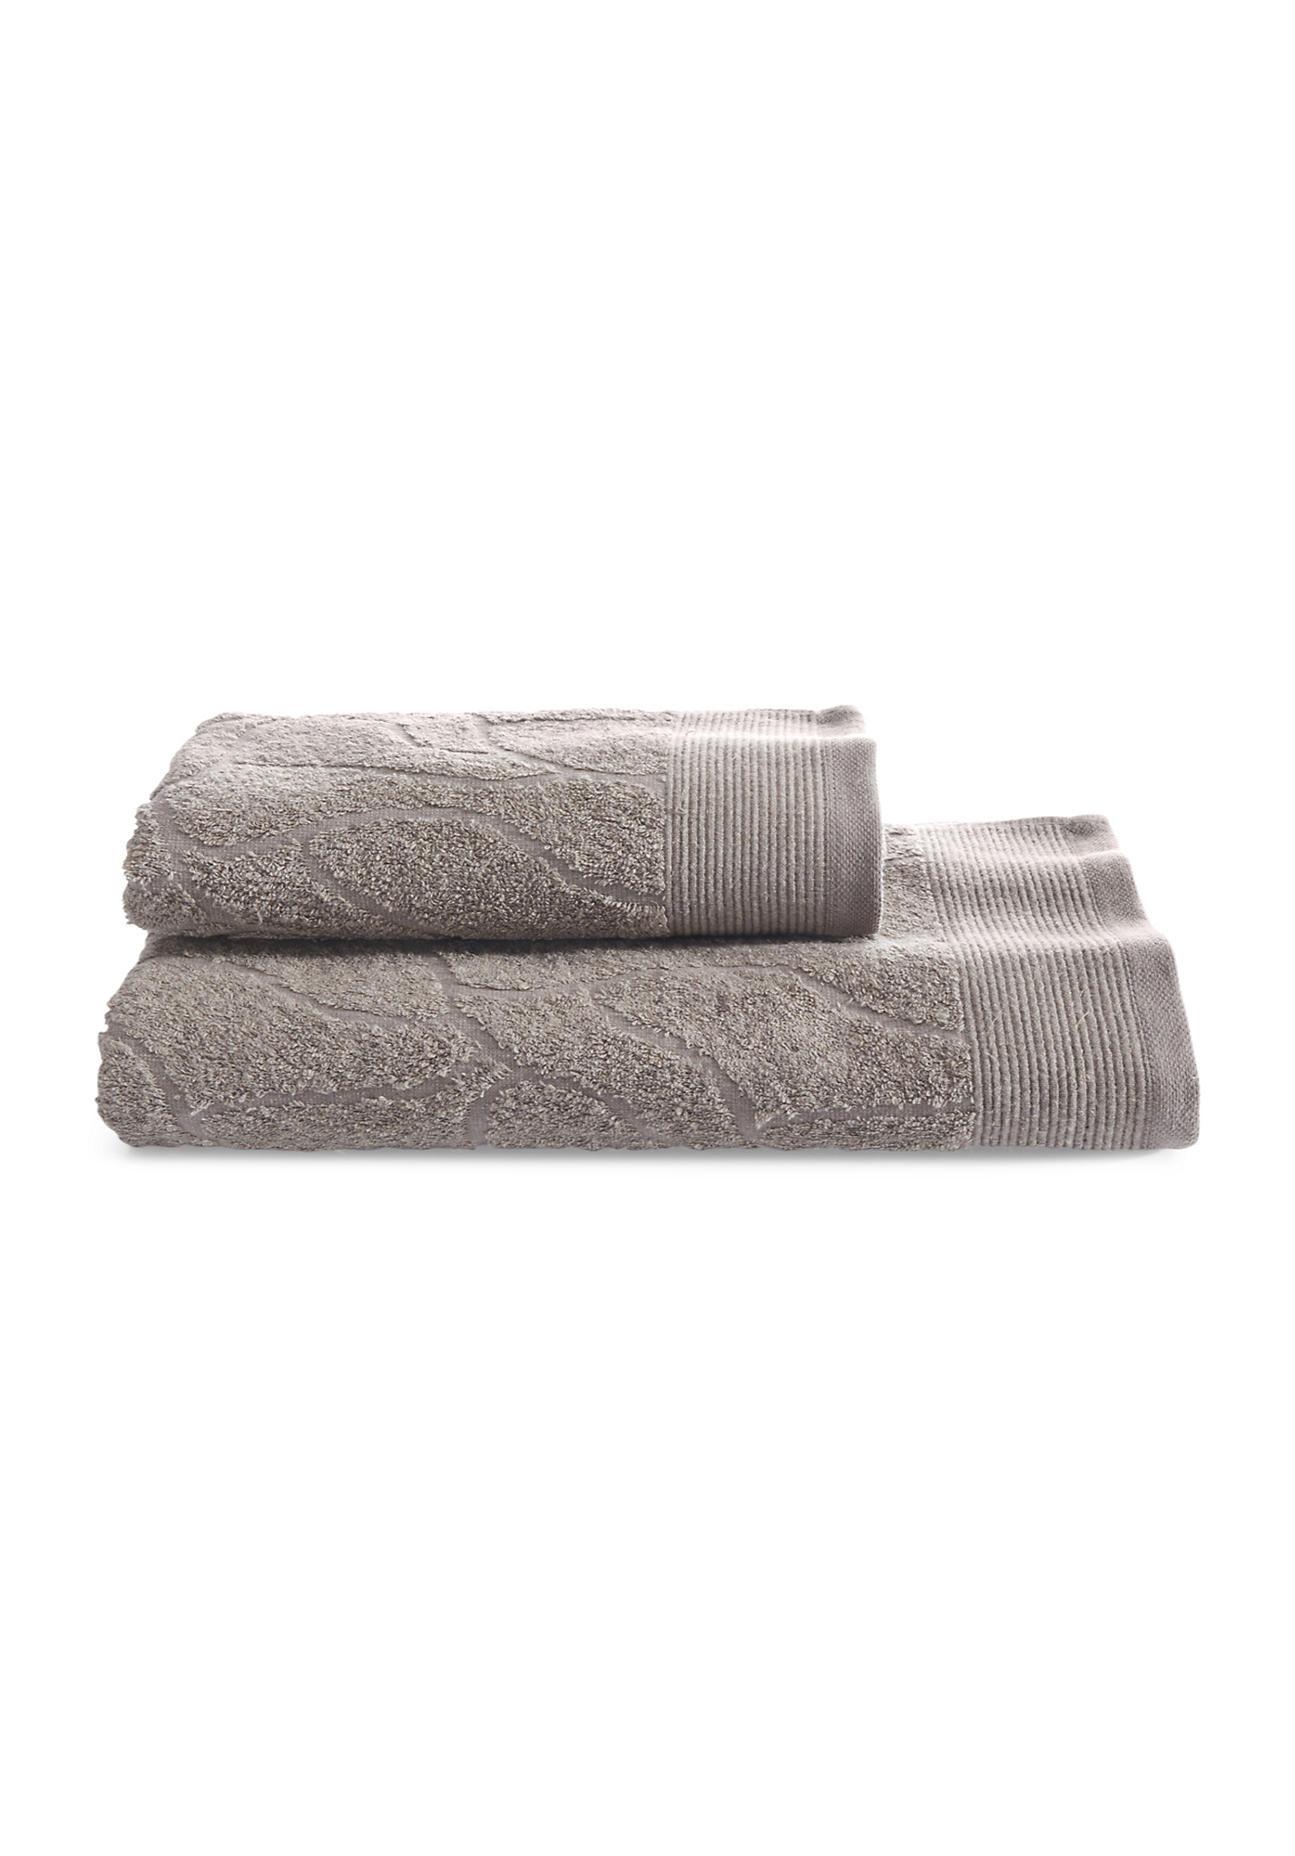 hessnatur Jacquard-Handtuch aus Bio-Baumwolle mit Leinen – grau – Größe 50x100 cm